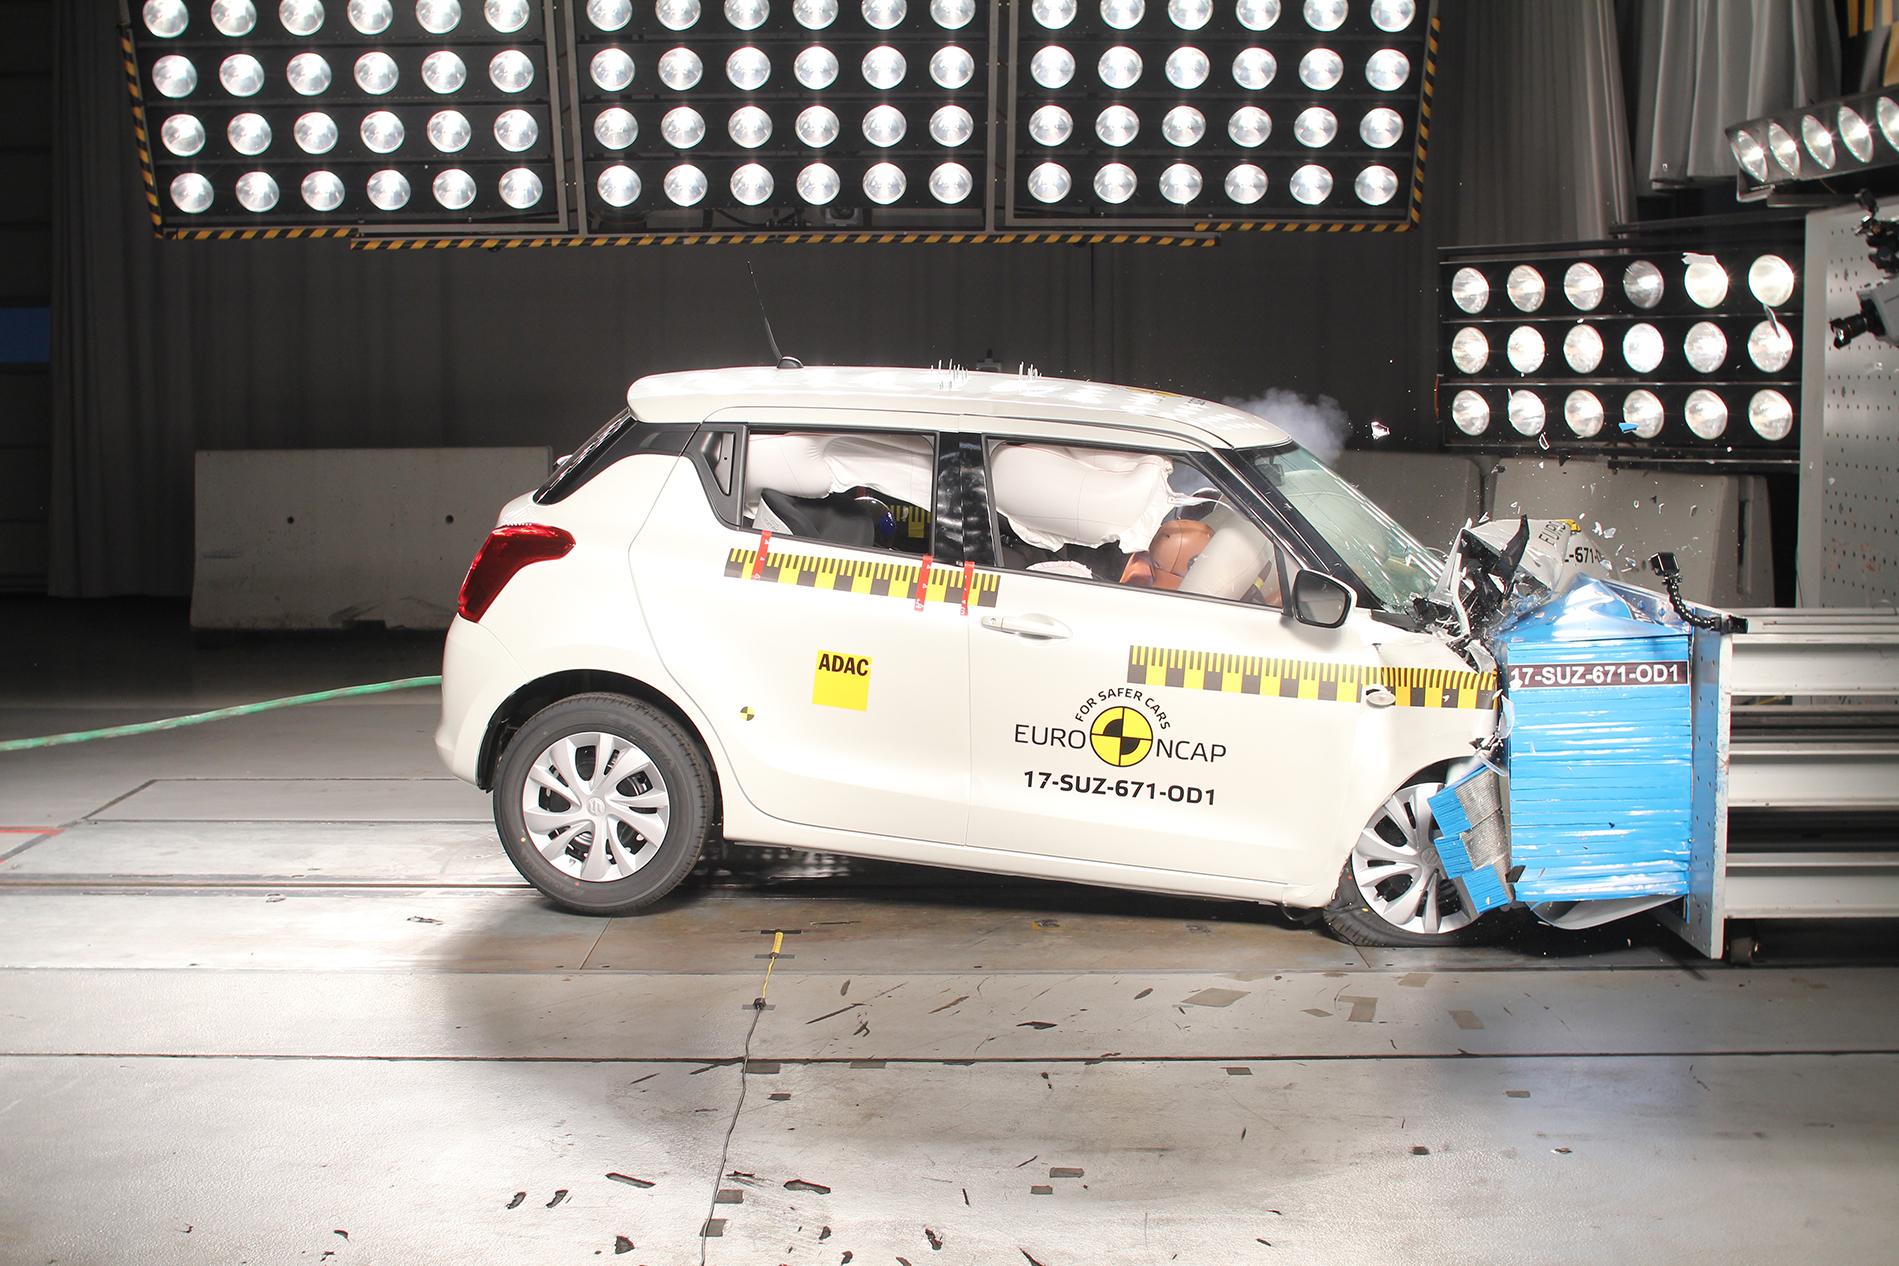 Testresultaten Euro NCAP mei 2017